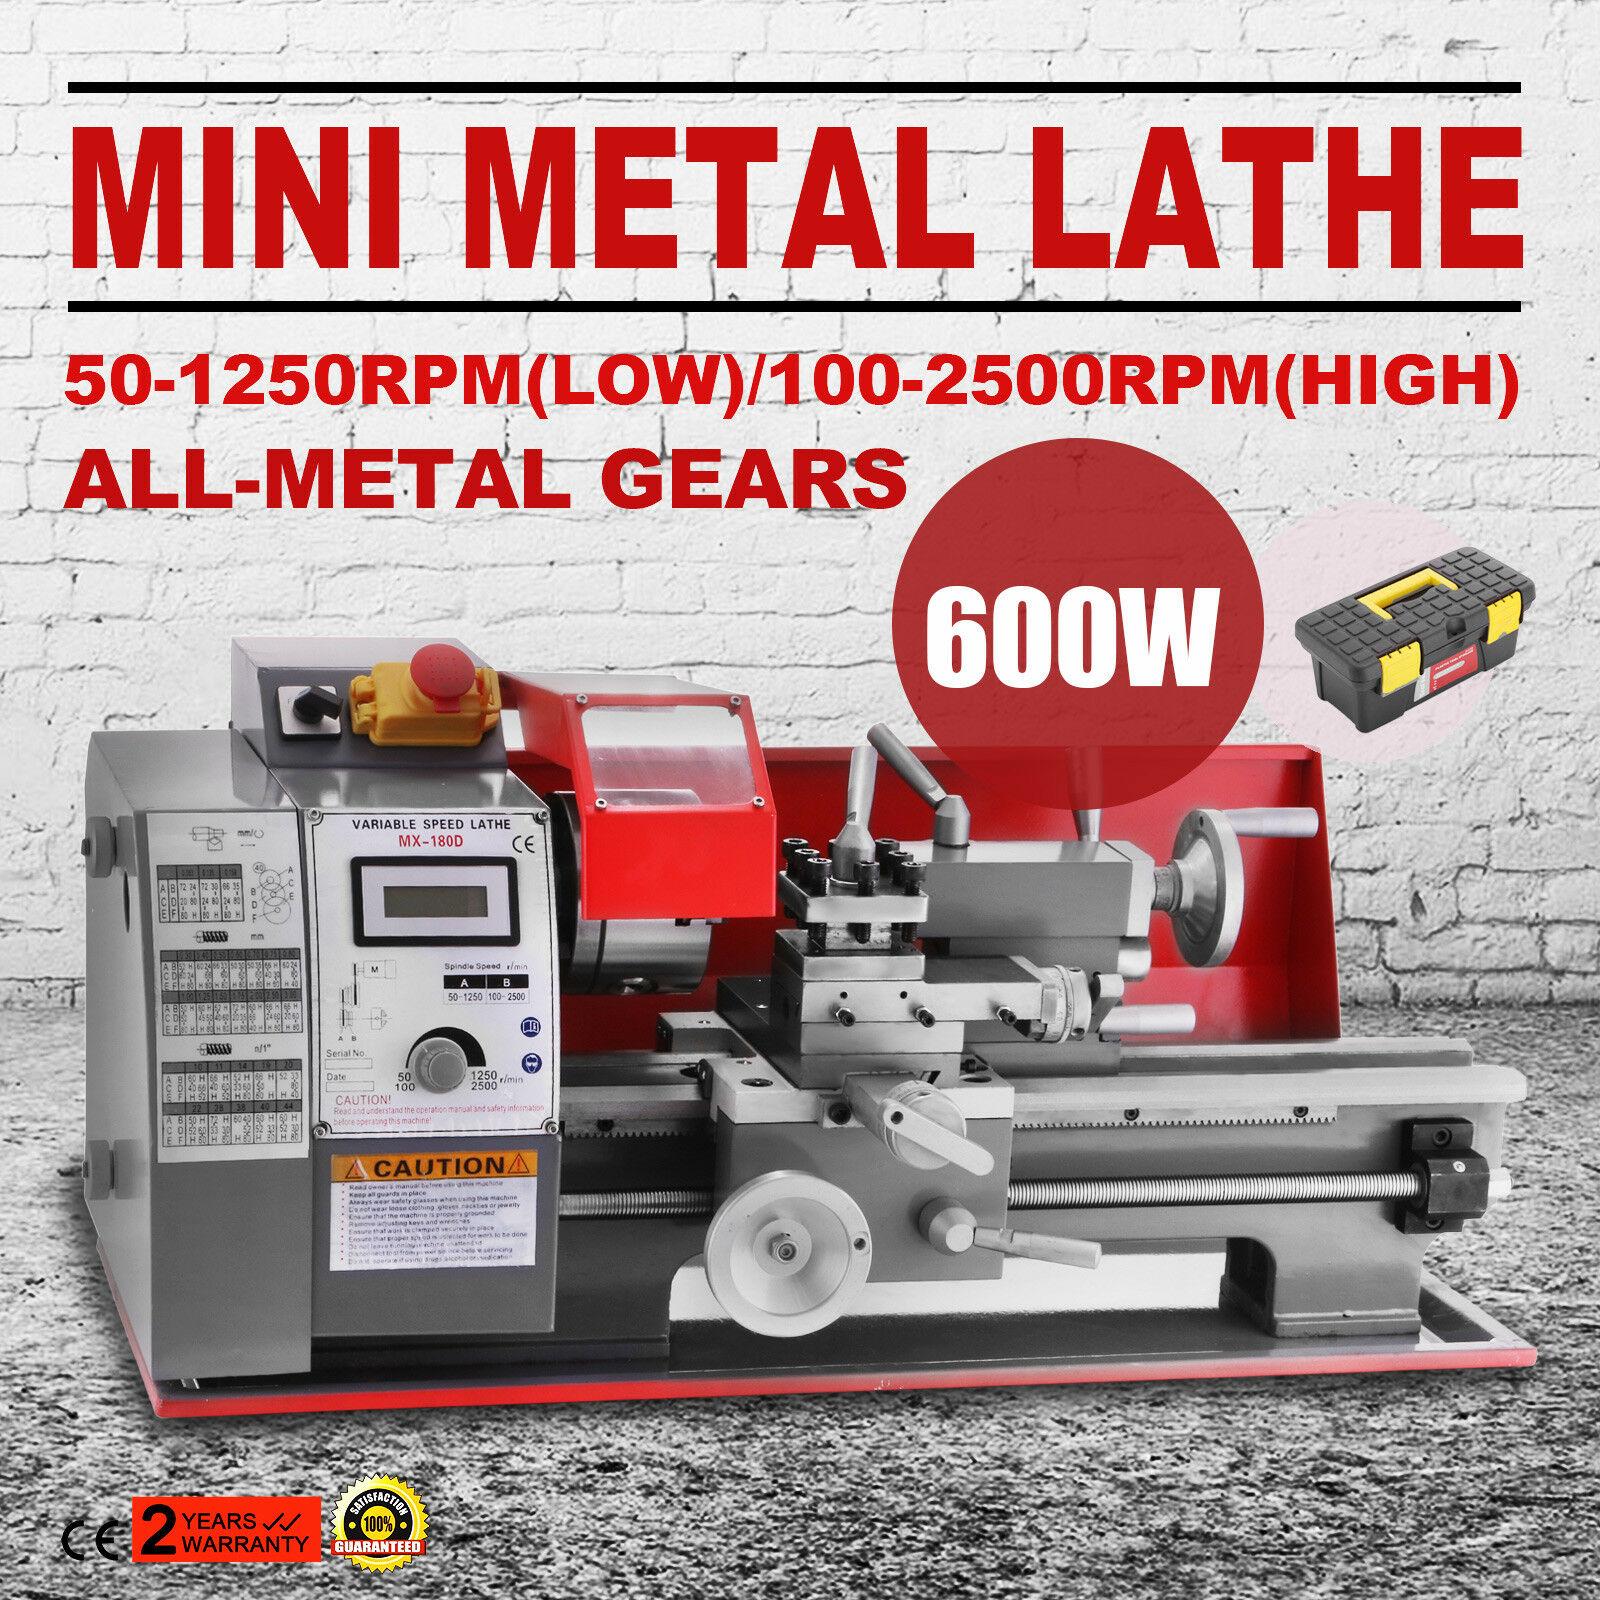 Máquina semi automática do torno do metal de 600 w mini máquina metalúrgica da elevada precisão